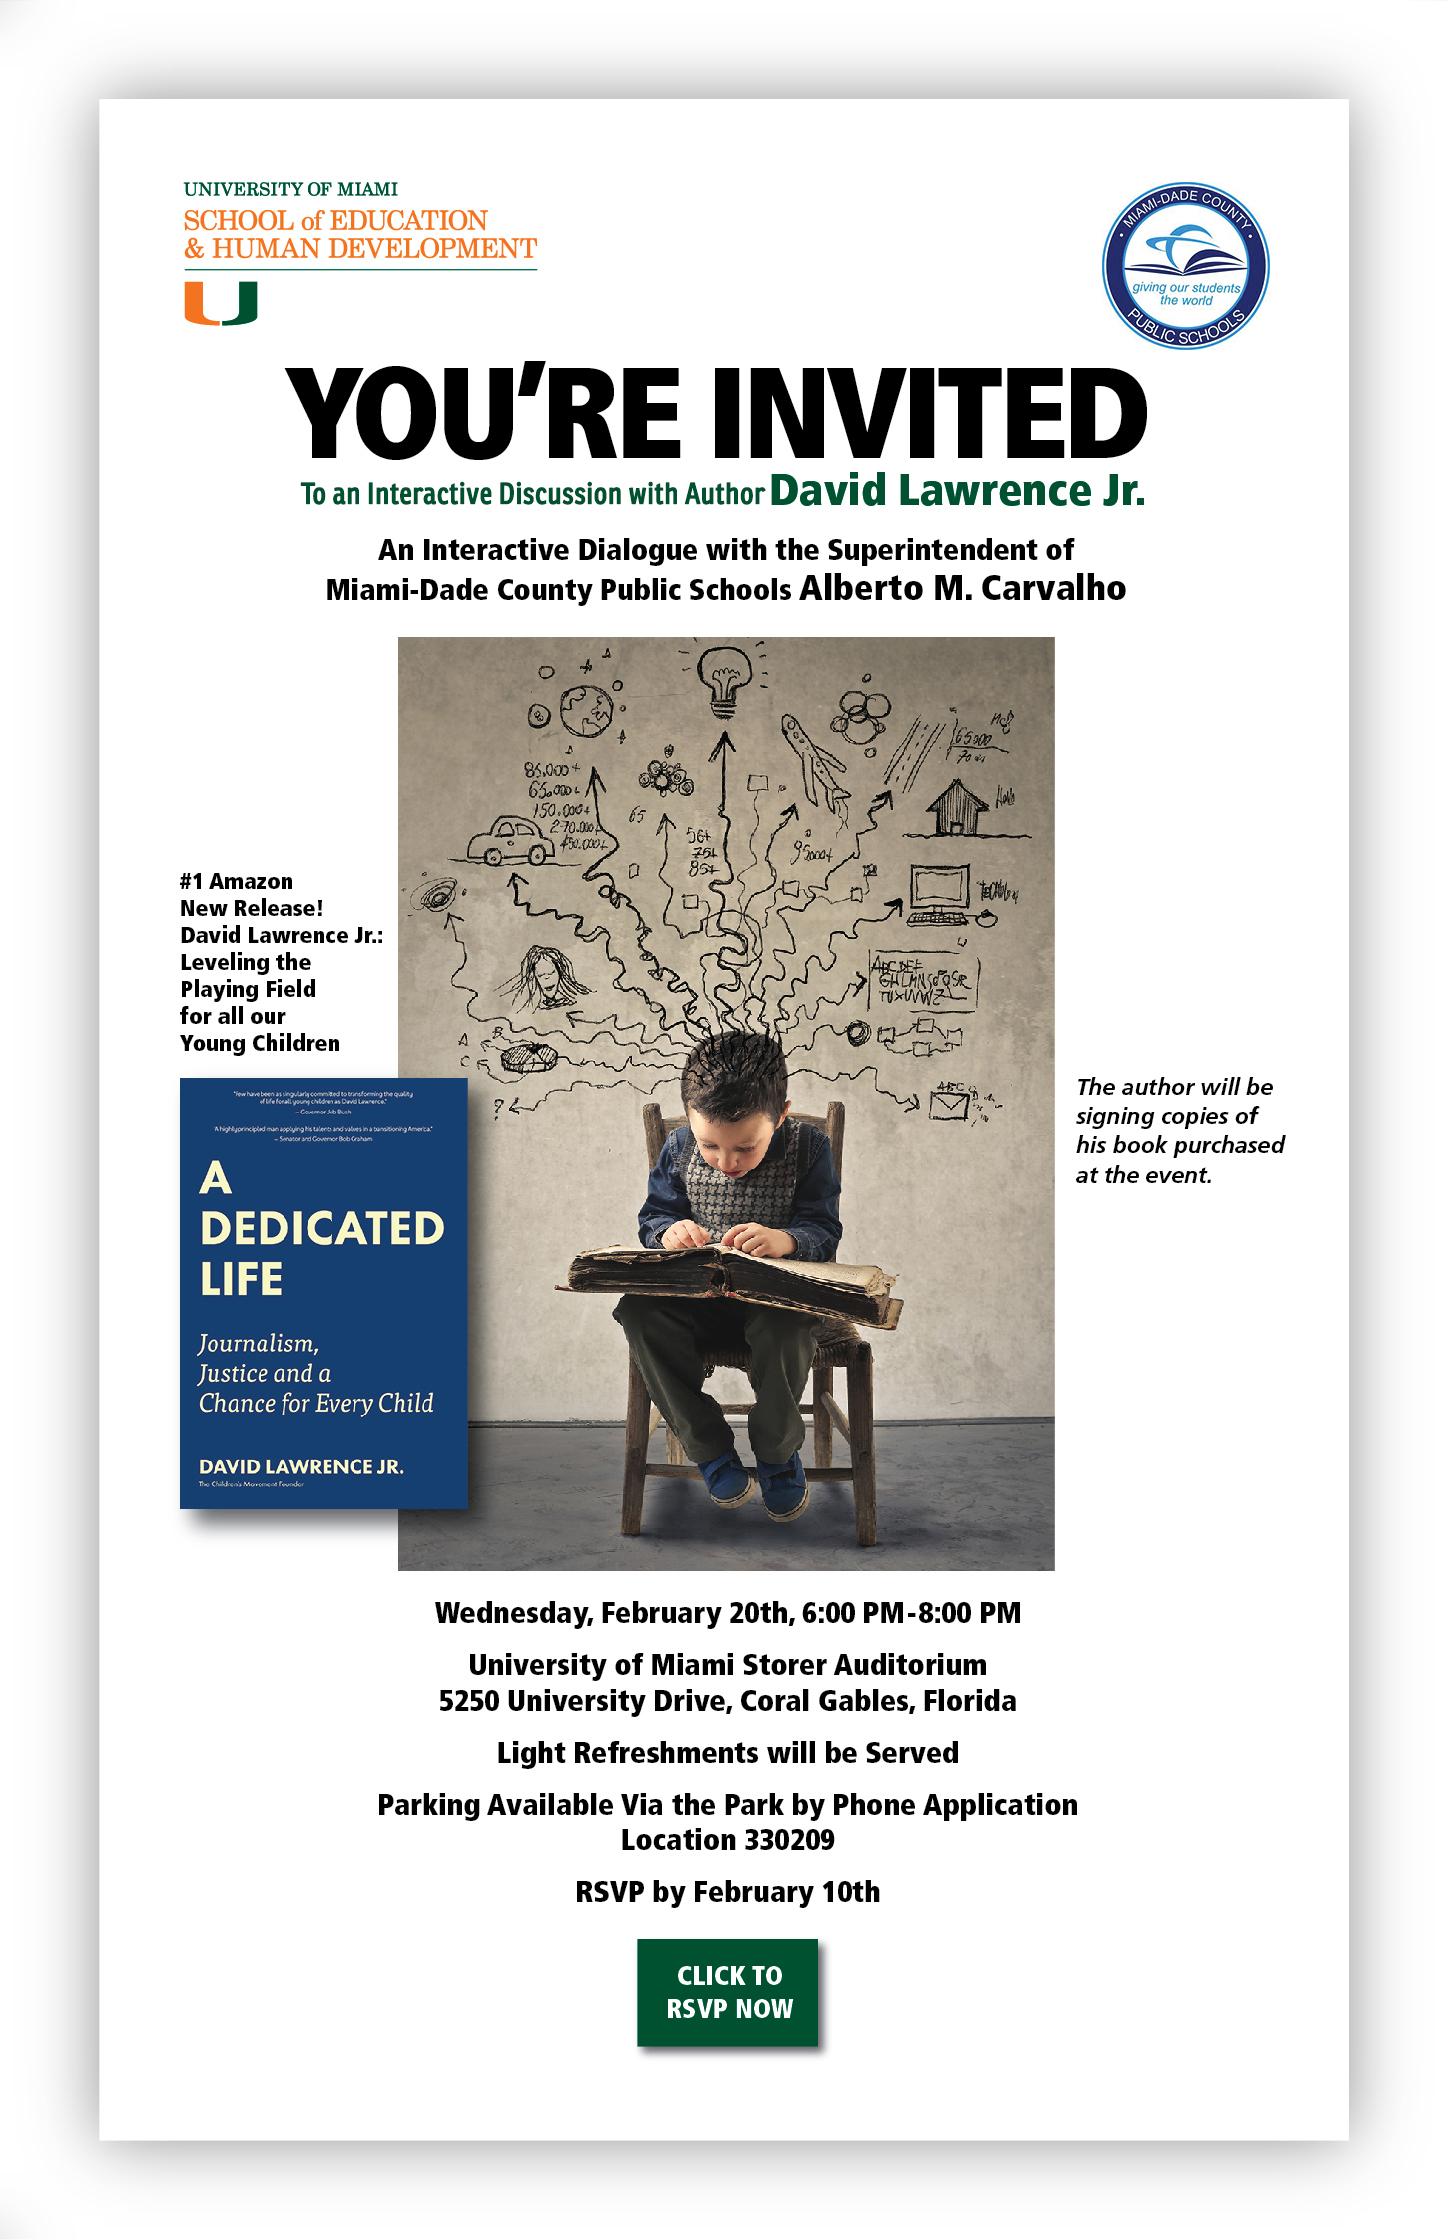 David Lawrence Digital Invitation-Rev2